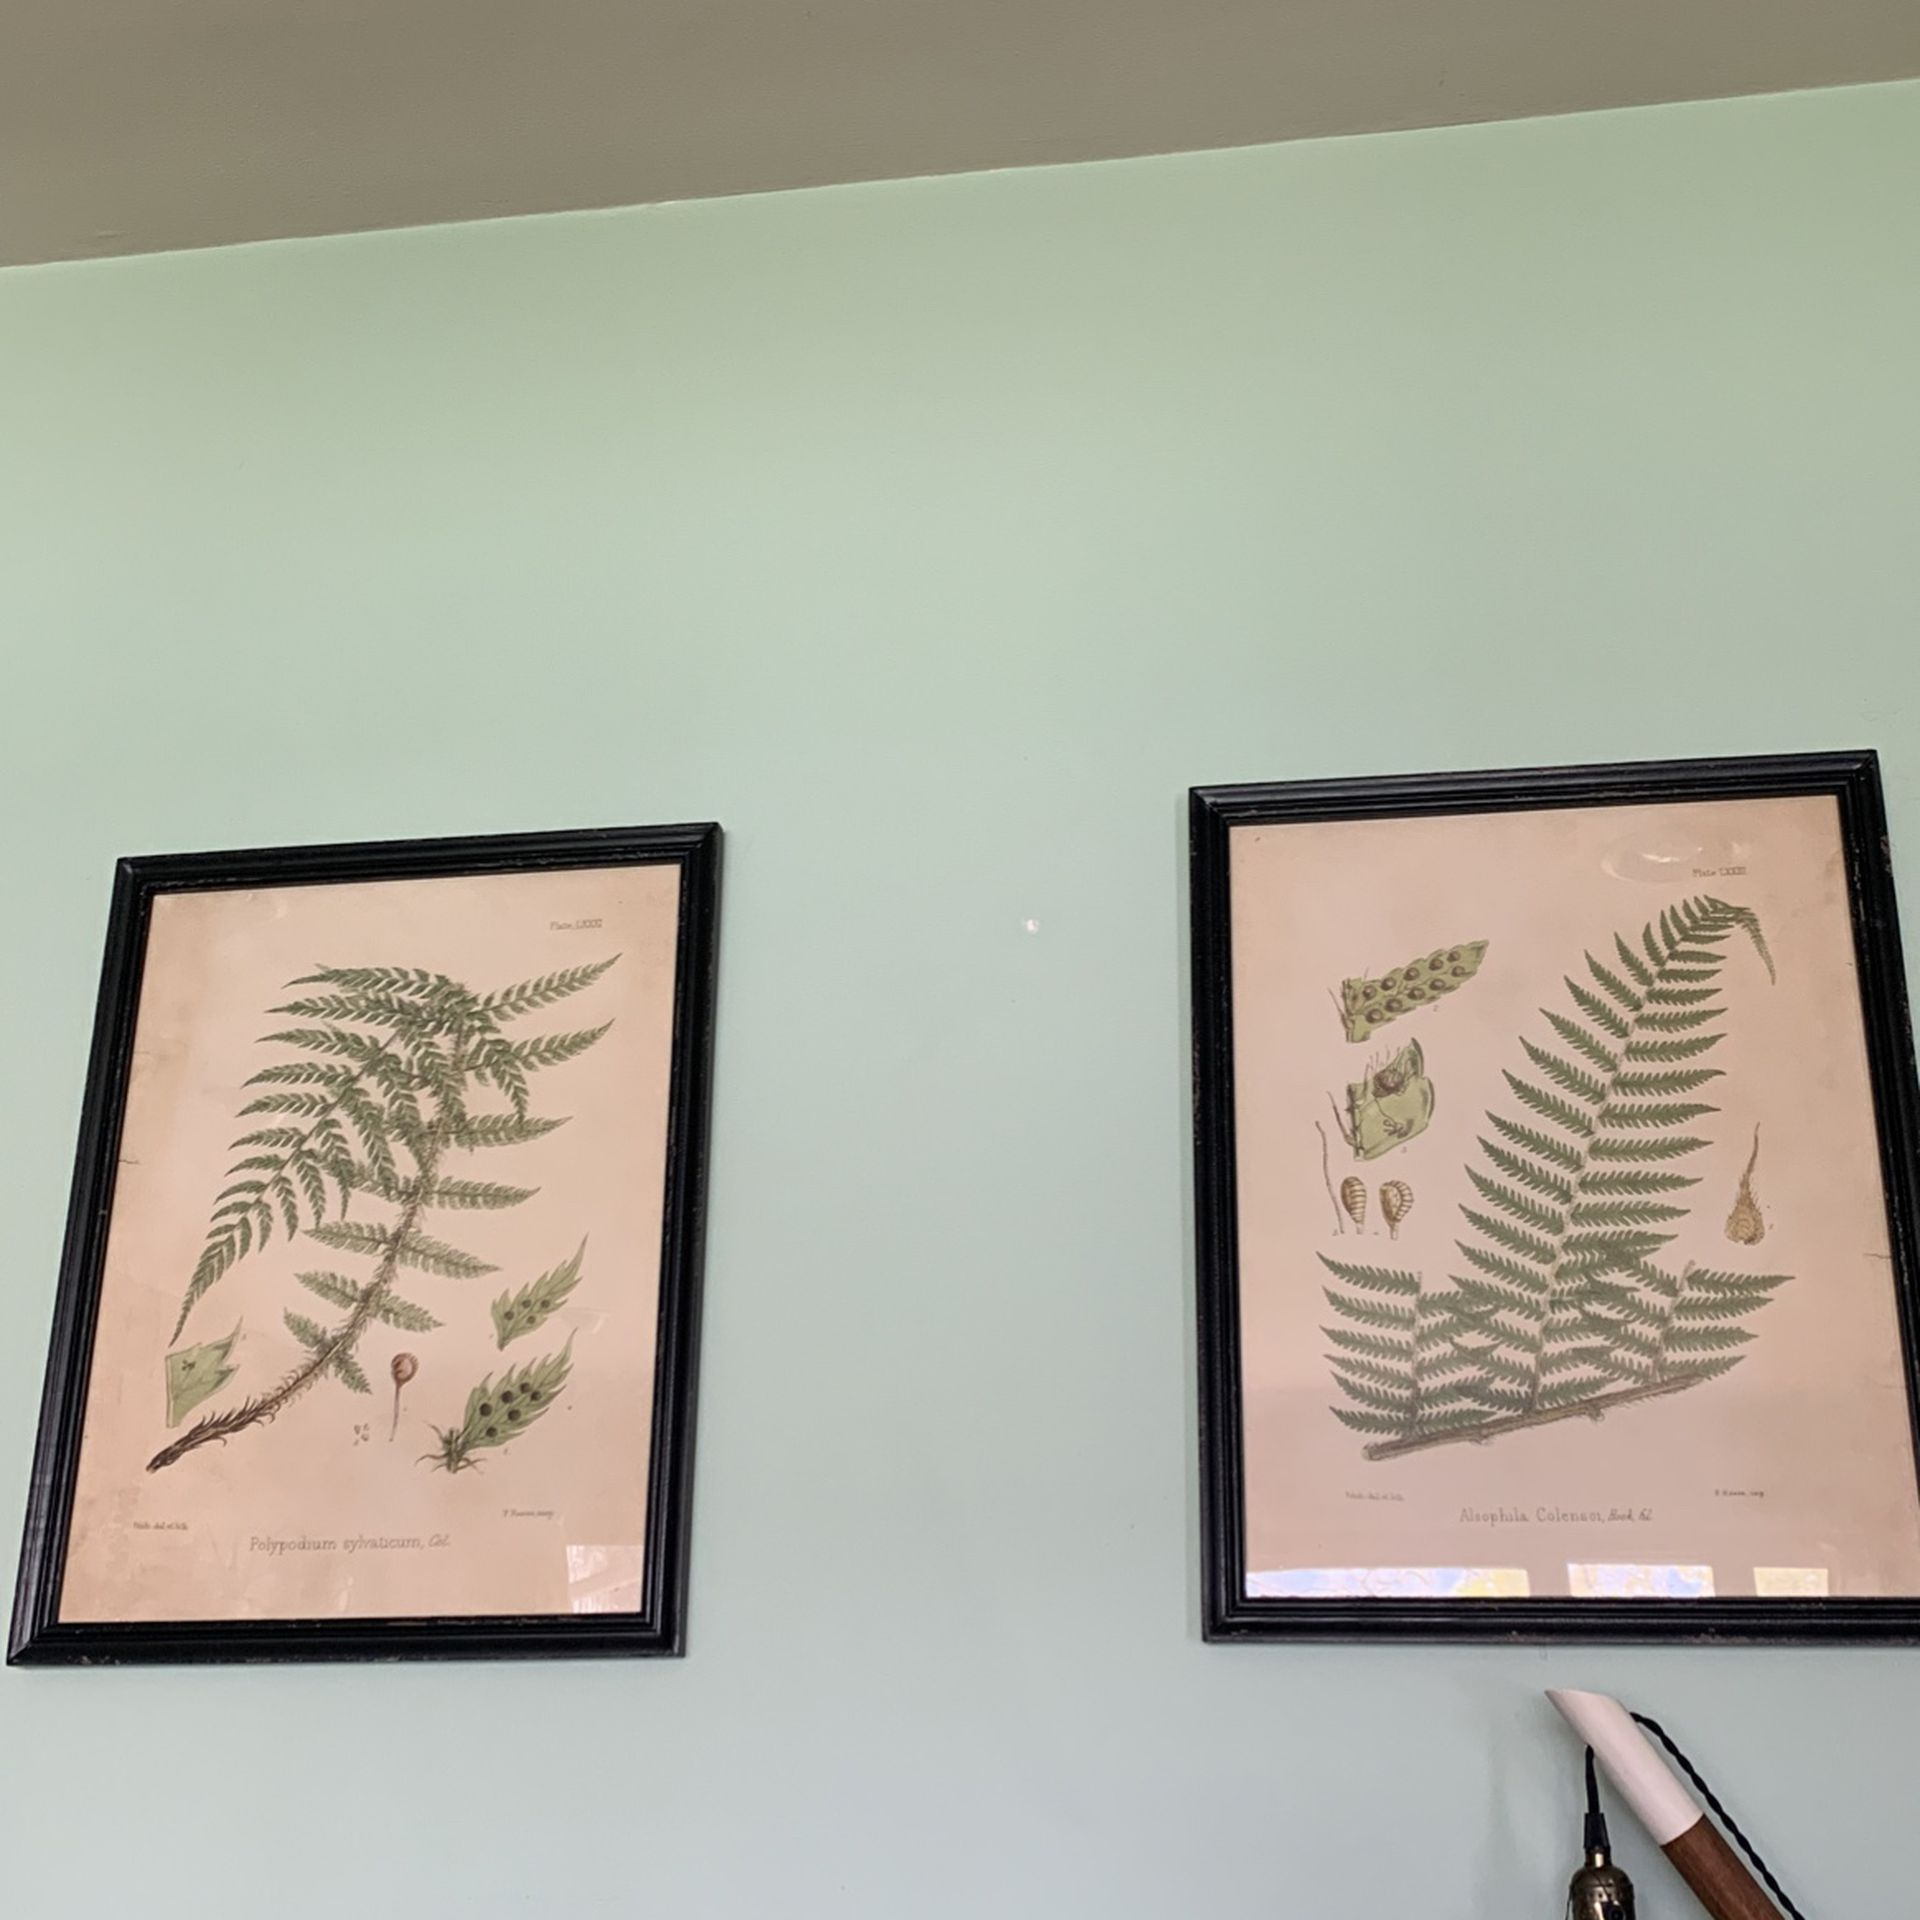 Fern Framed Pictures (set of 2)